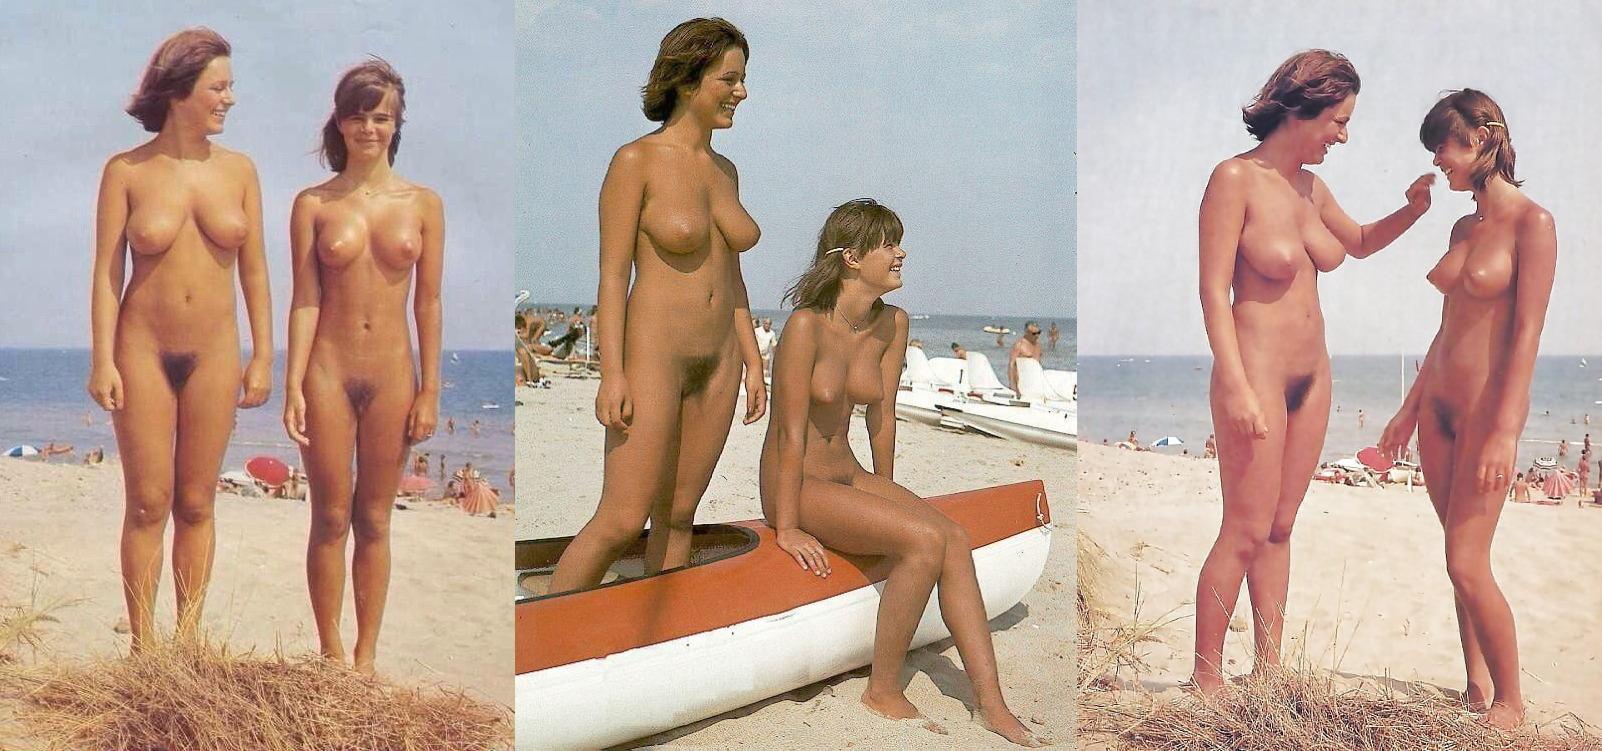 amwf carmen callaway interracial with asian guy porn #matureslut #outdoornudity #fkk #beach #baldcunt #bignaturalboobs